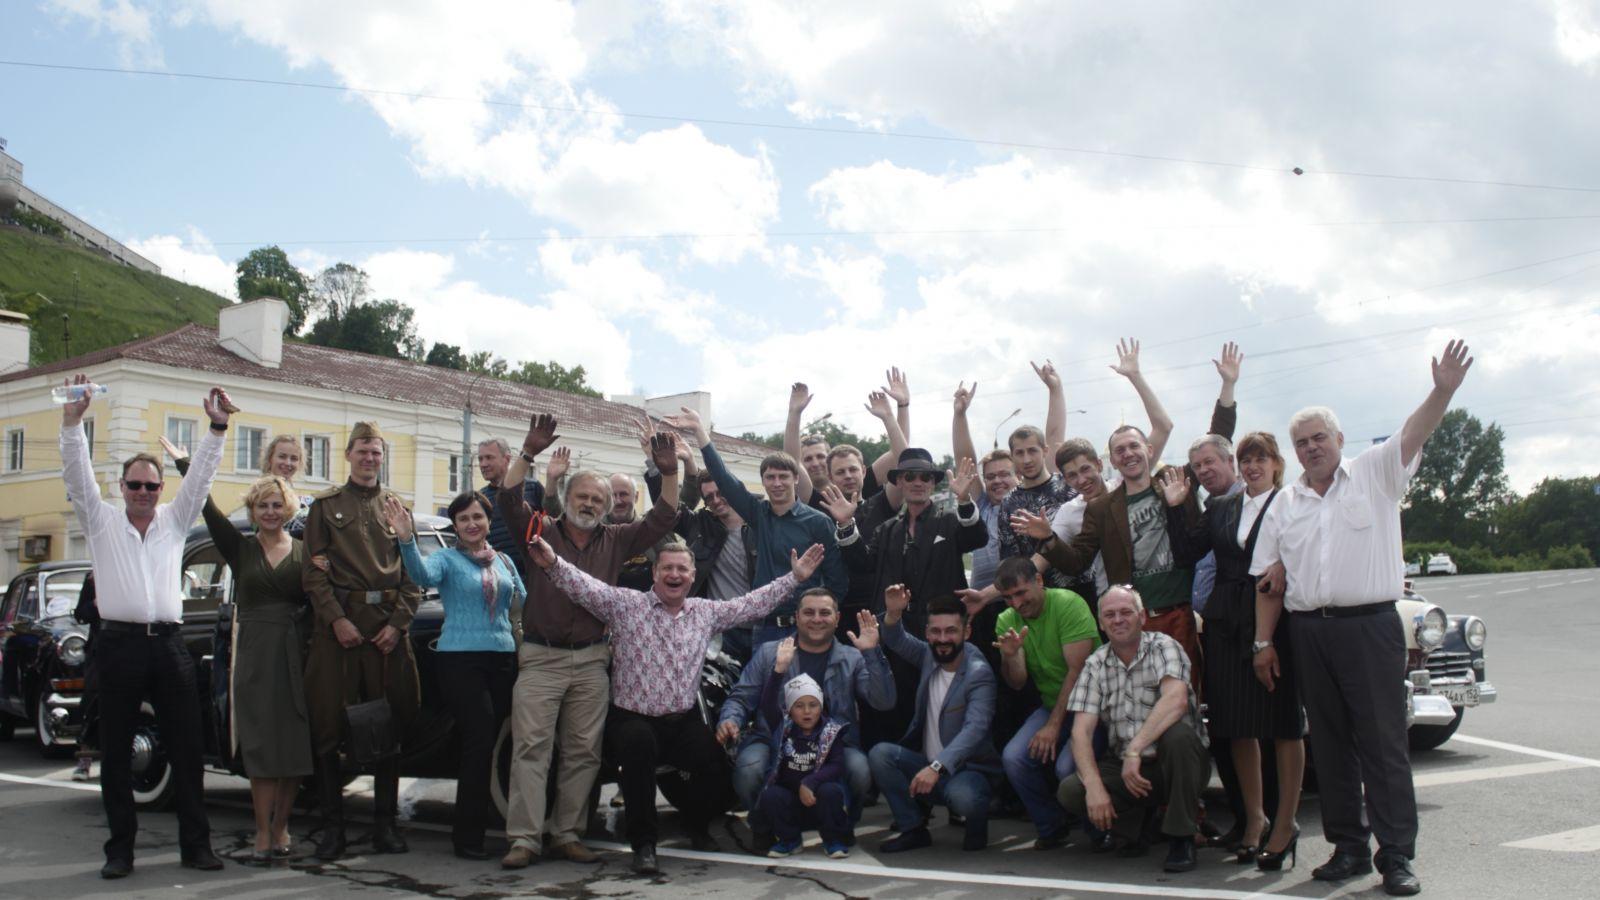 Общее фото-2 12.06.2016 День России  Нижний Новгород